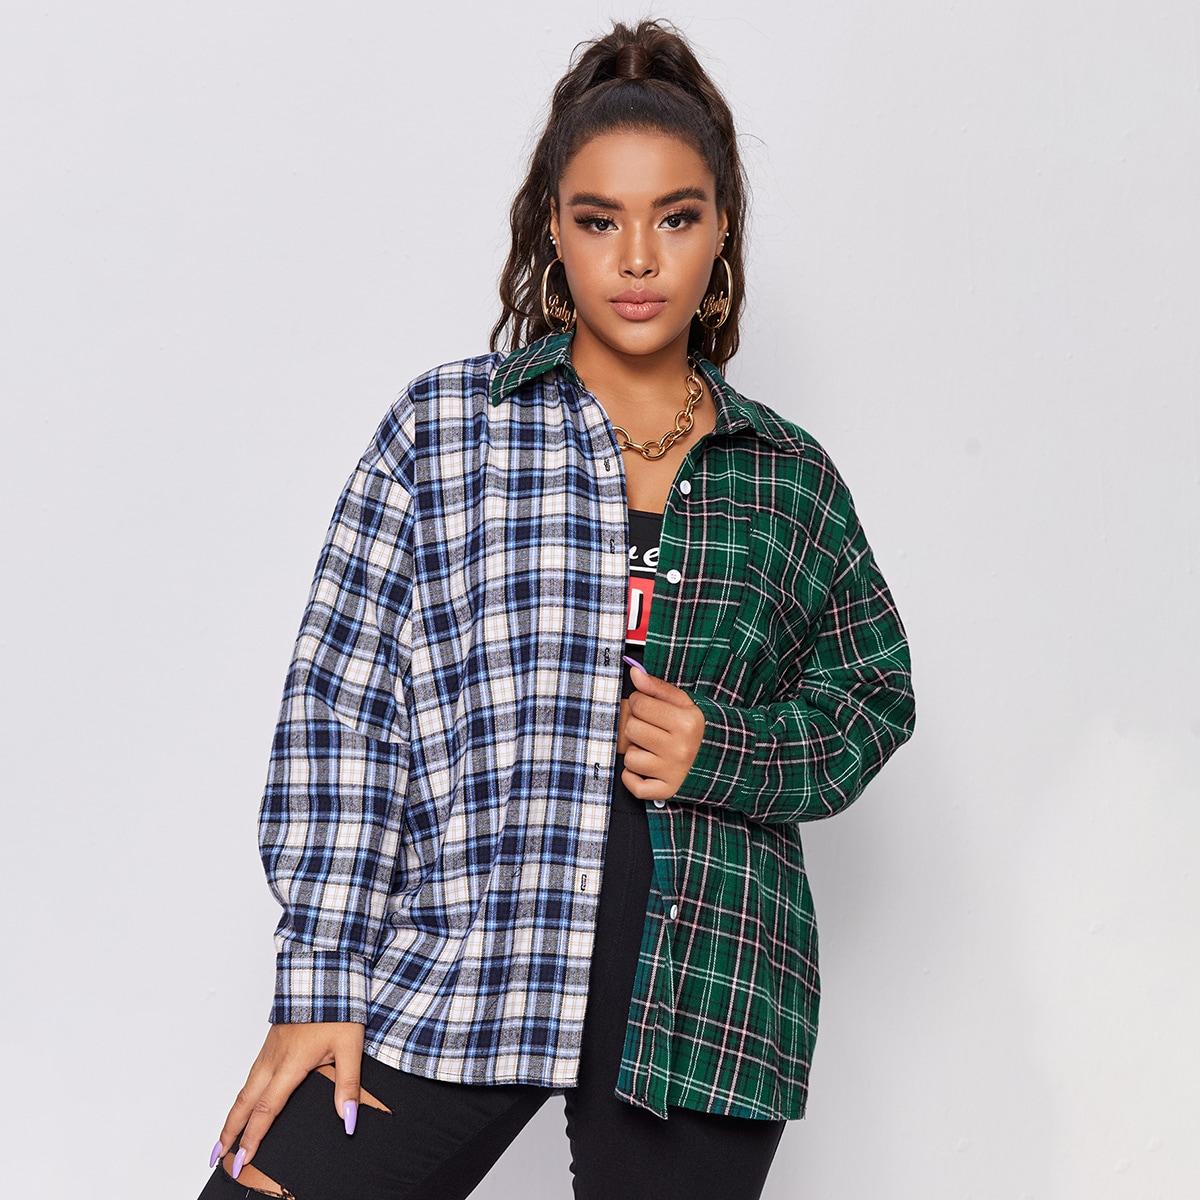 SHEIN / Gespleißte Bluse mit Karo Muster und sehr tief angesetzter Schulterpartie